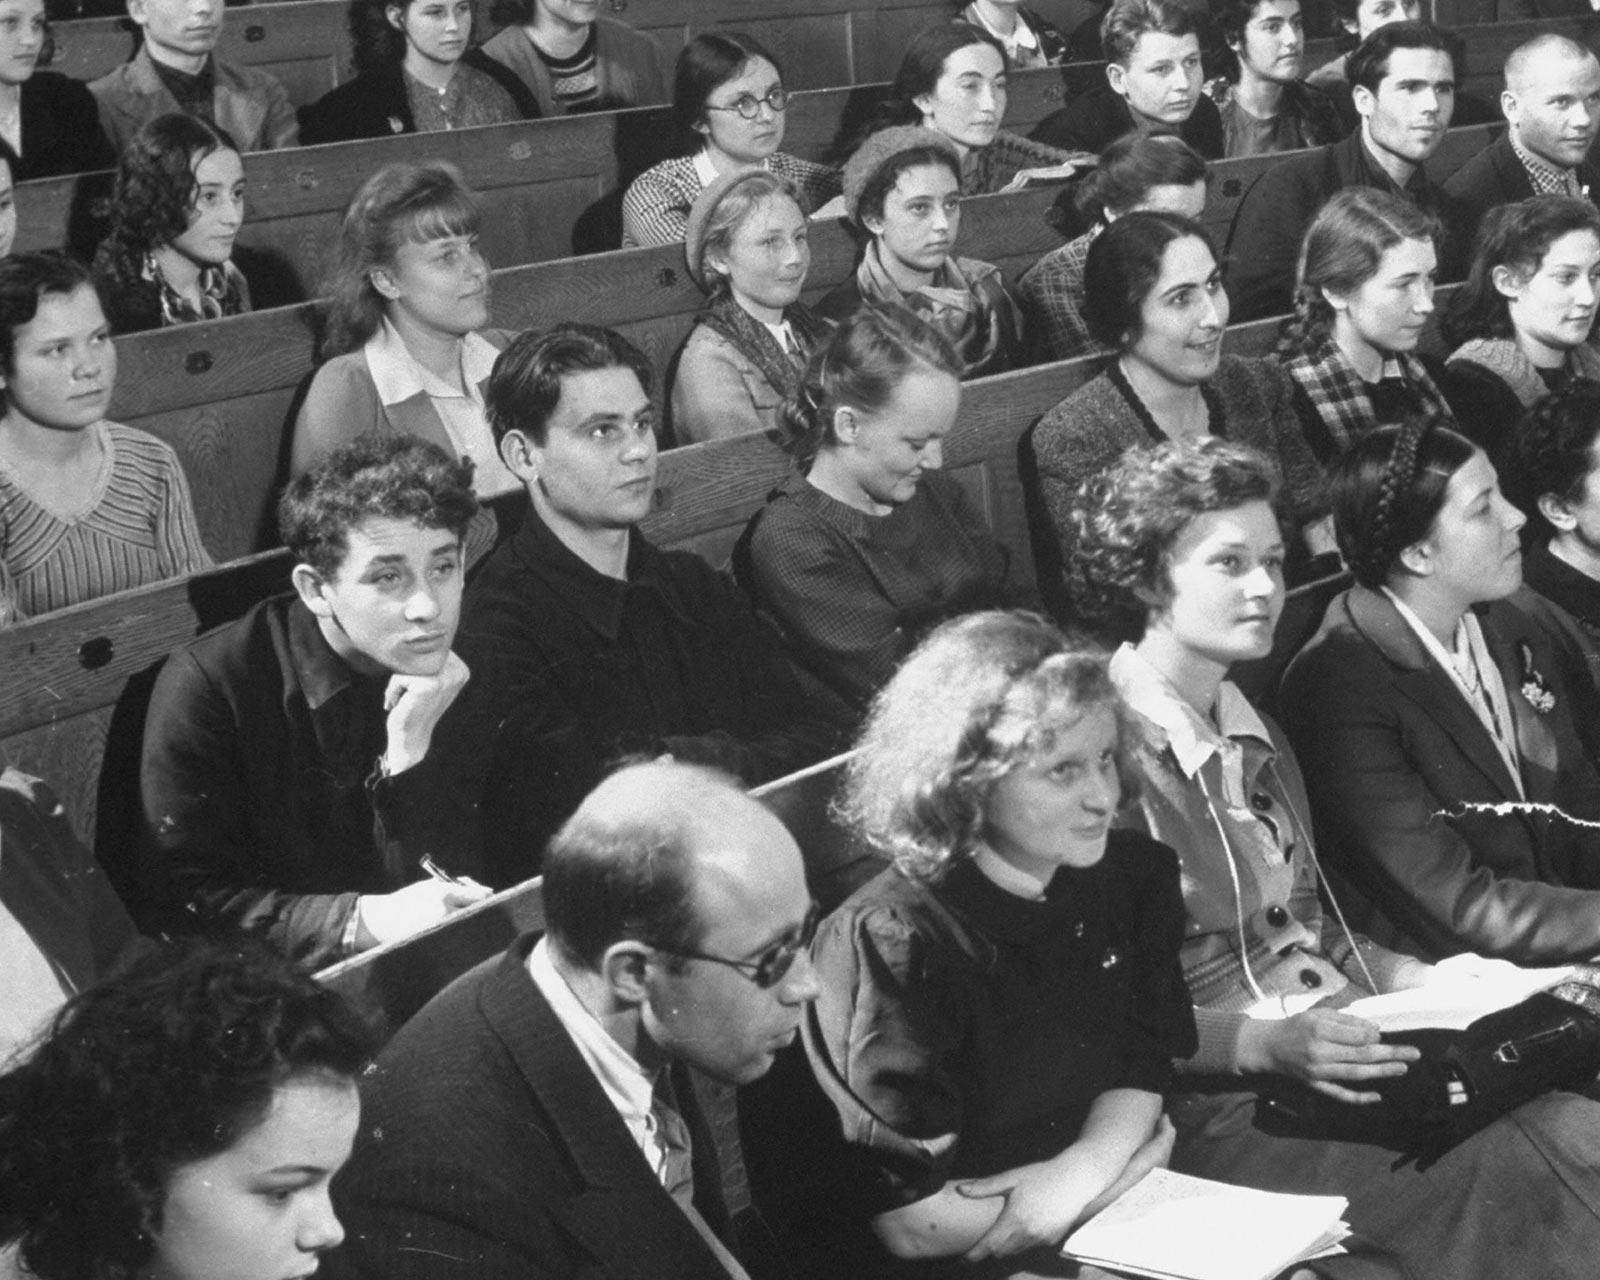 Студенты МГУ на лекции. Фото Маргарет Бурк-Уайт, 1930-е.